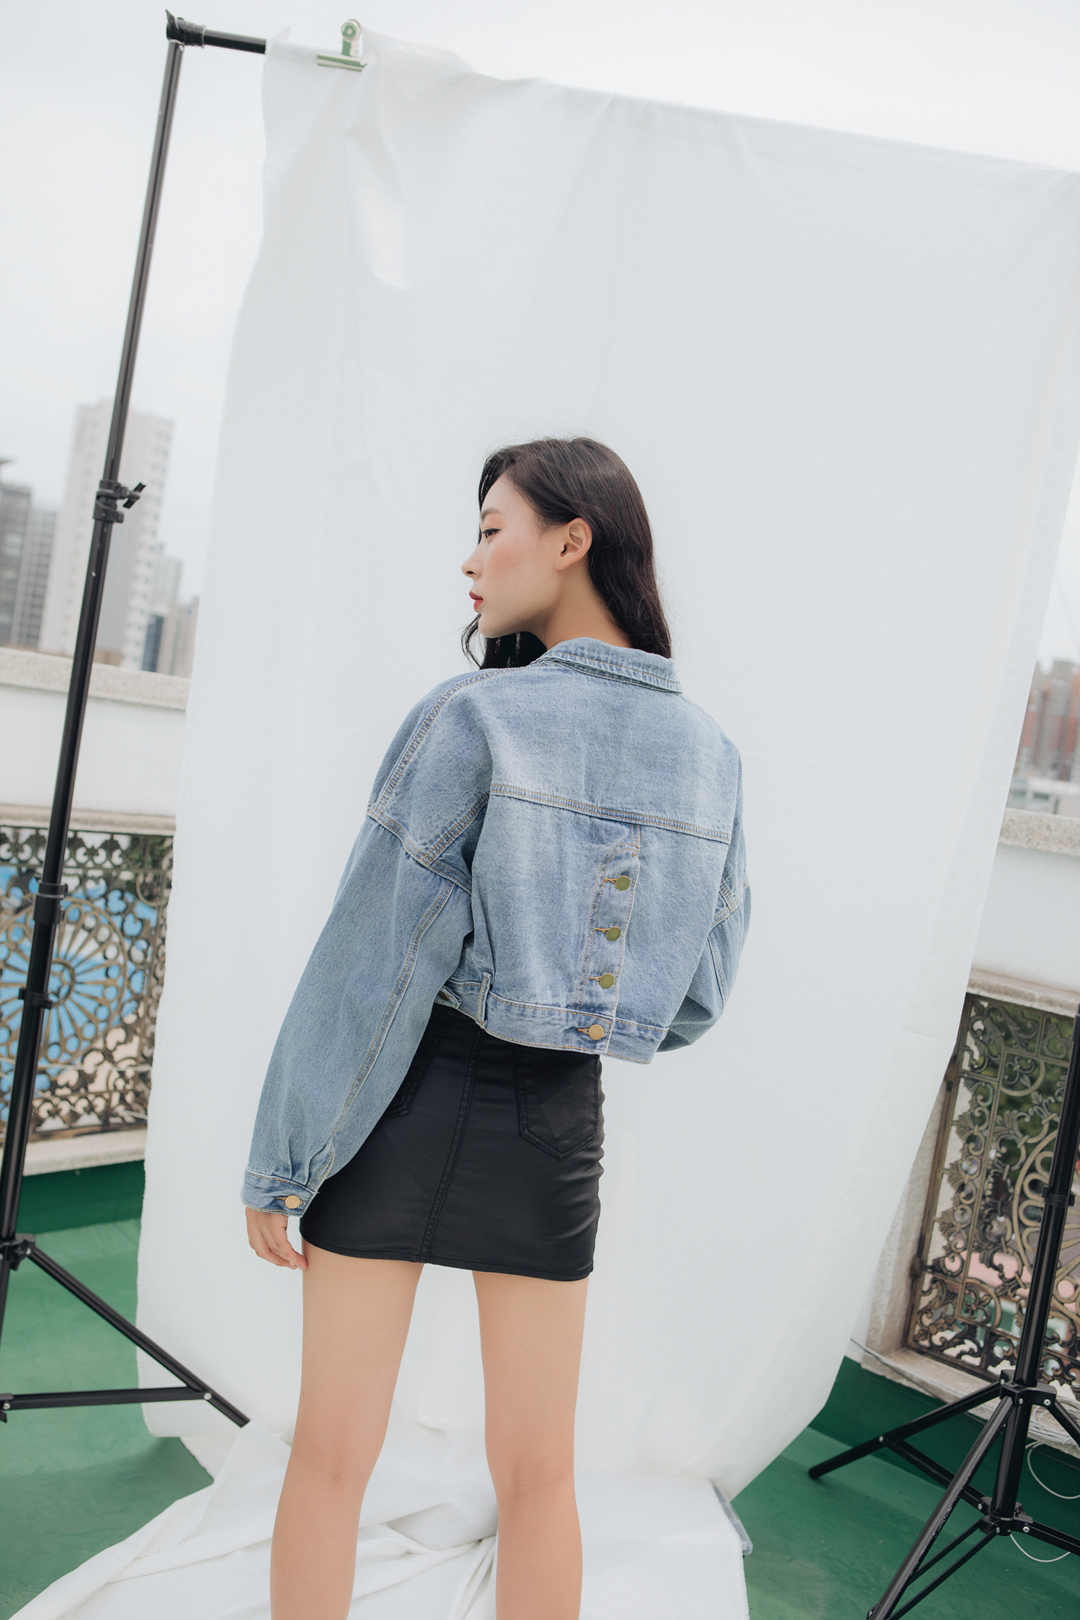 Buying denim short jacket